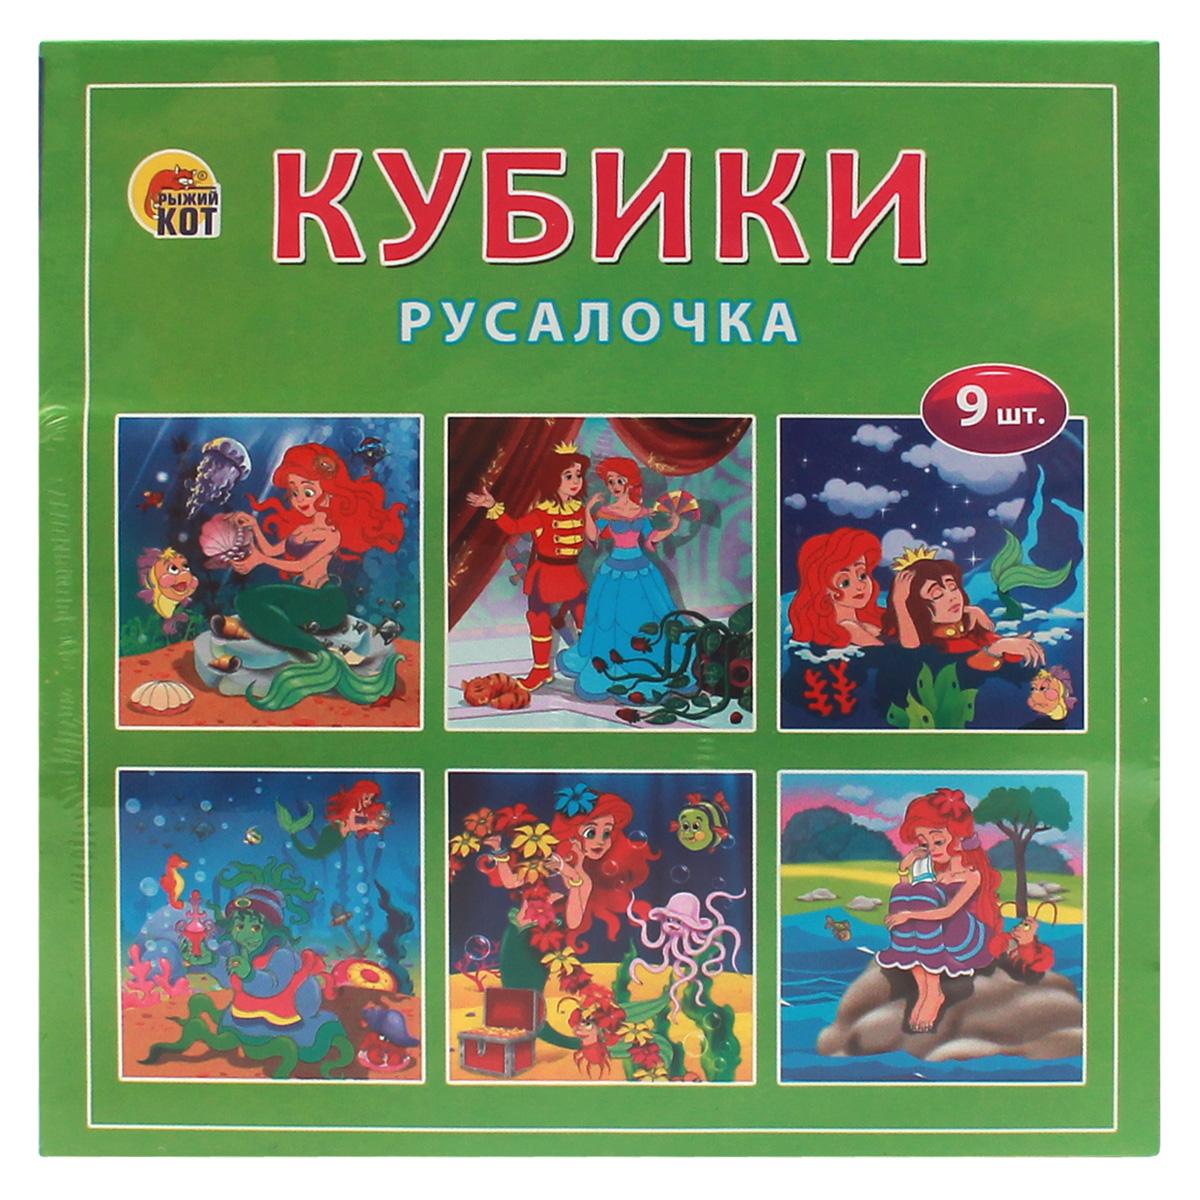 Рыжий Кот Кубики Русалочка